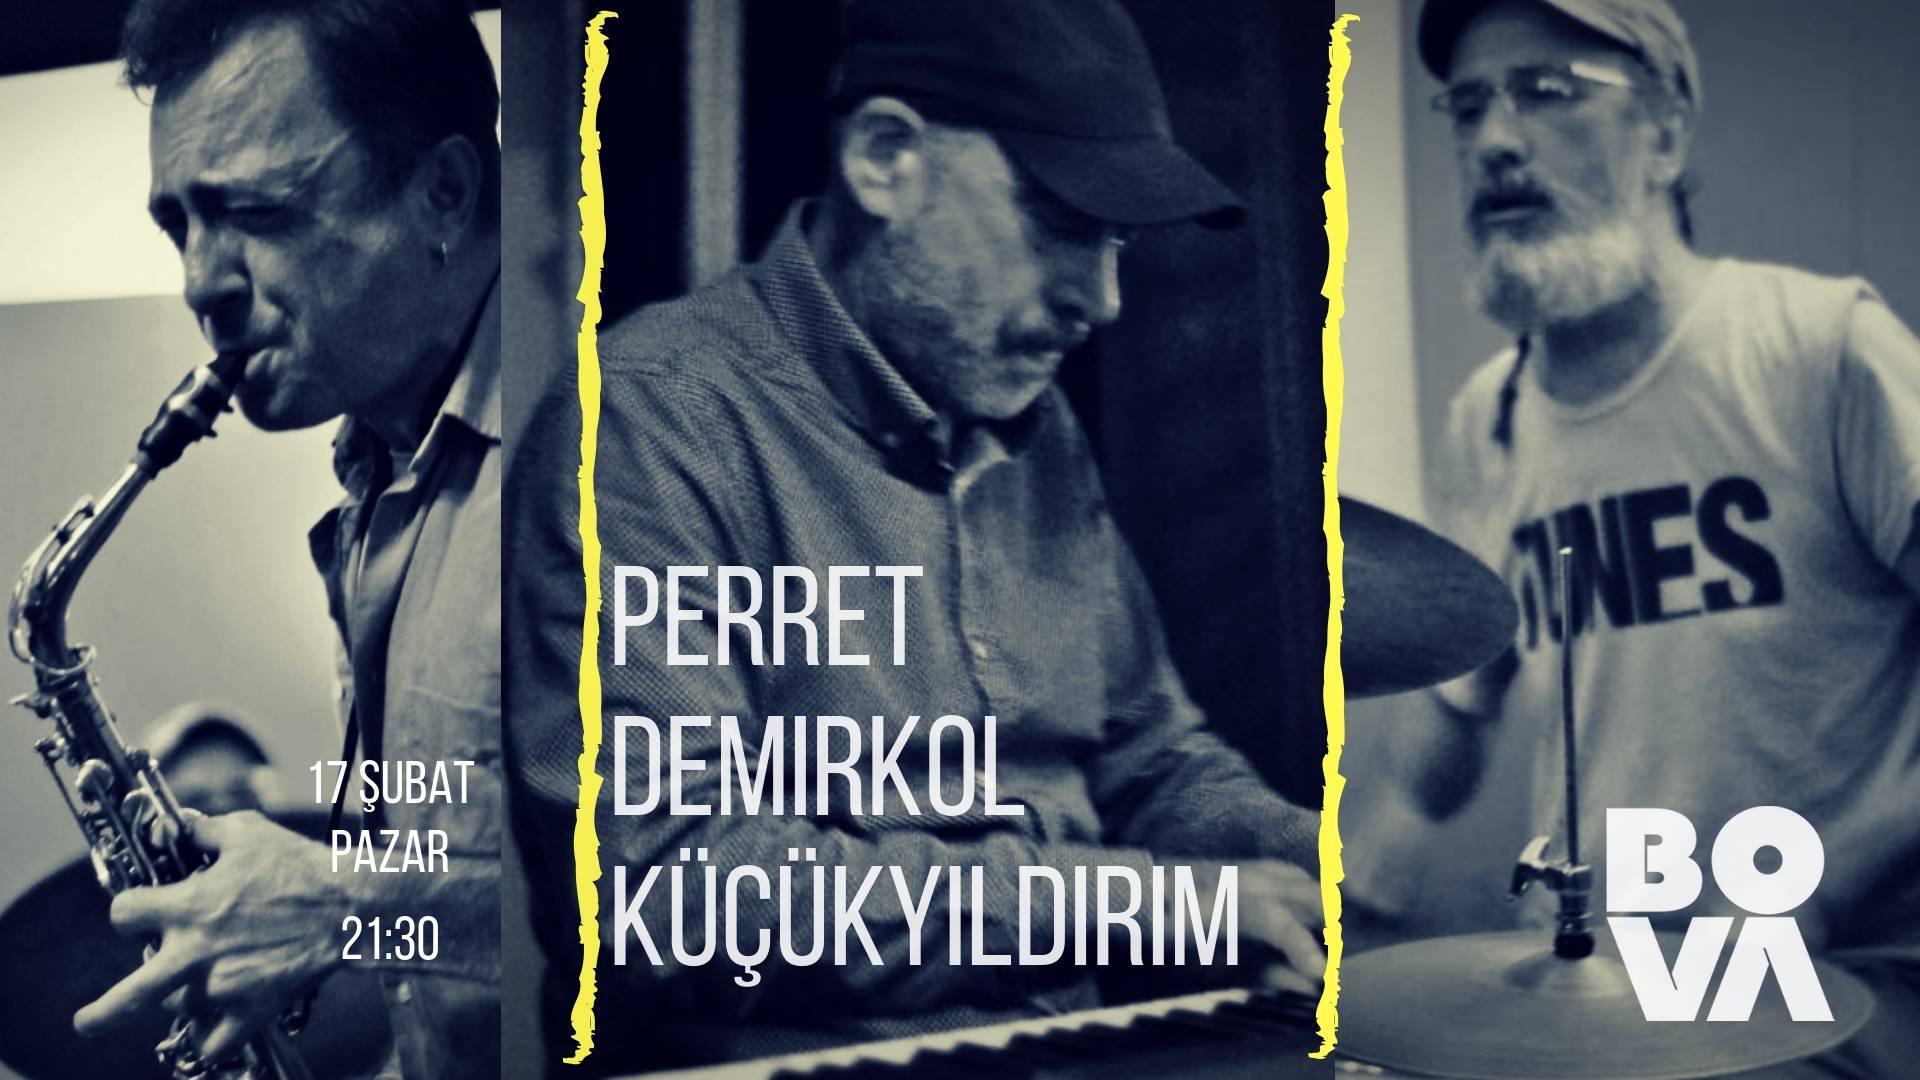 Perret, Demirkol, Küçükyıldrım